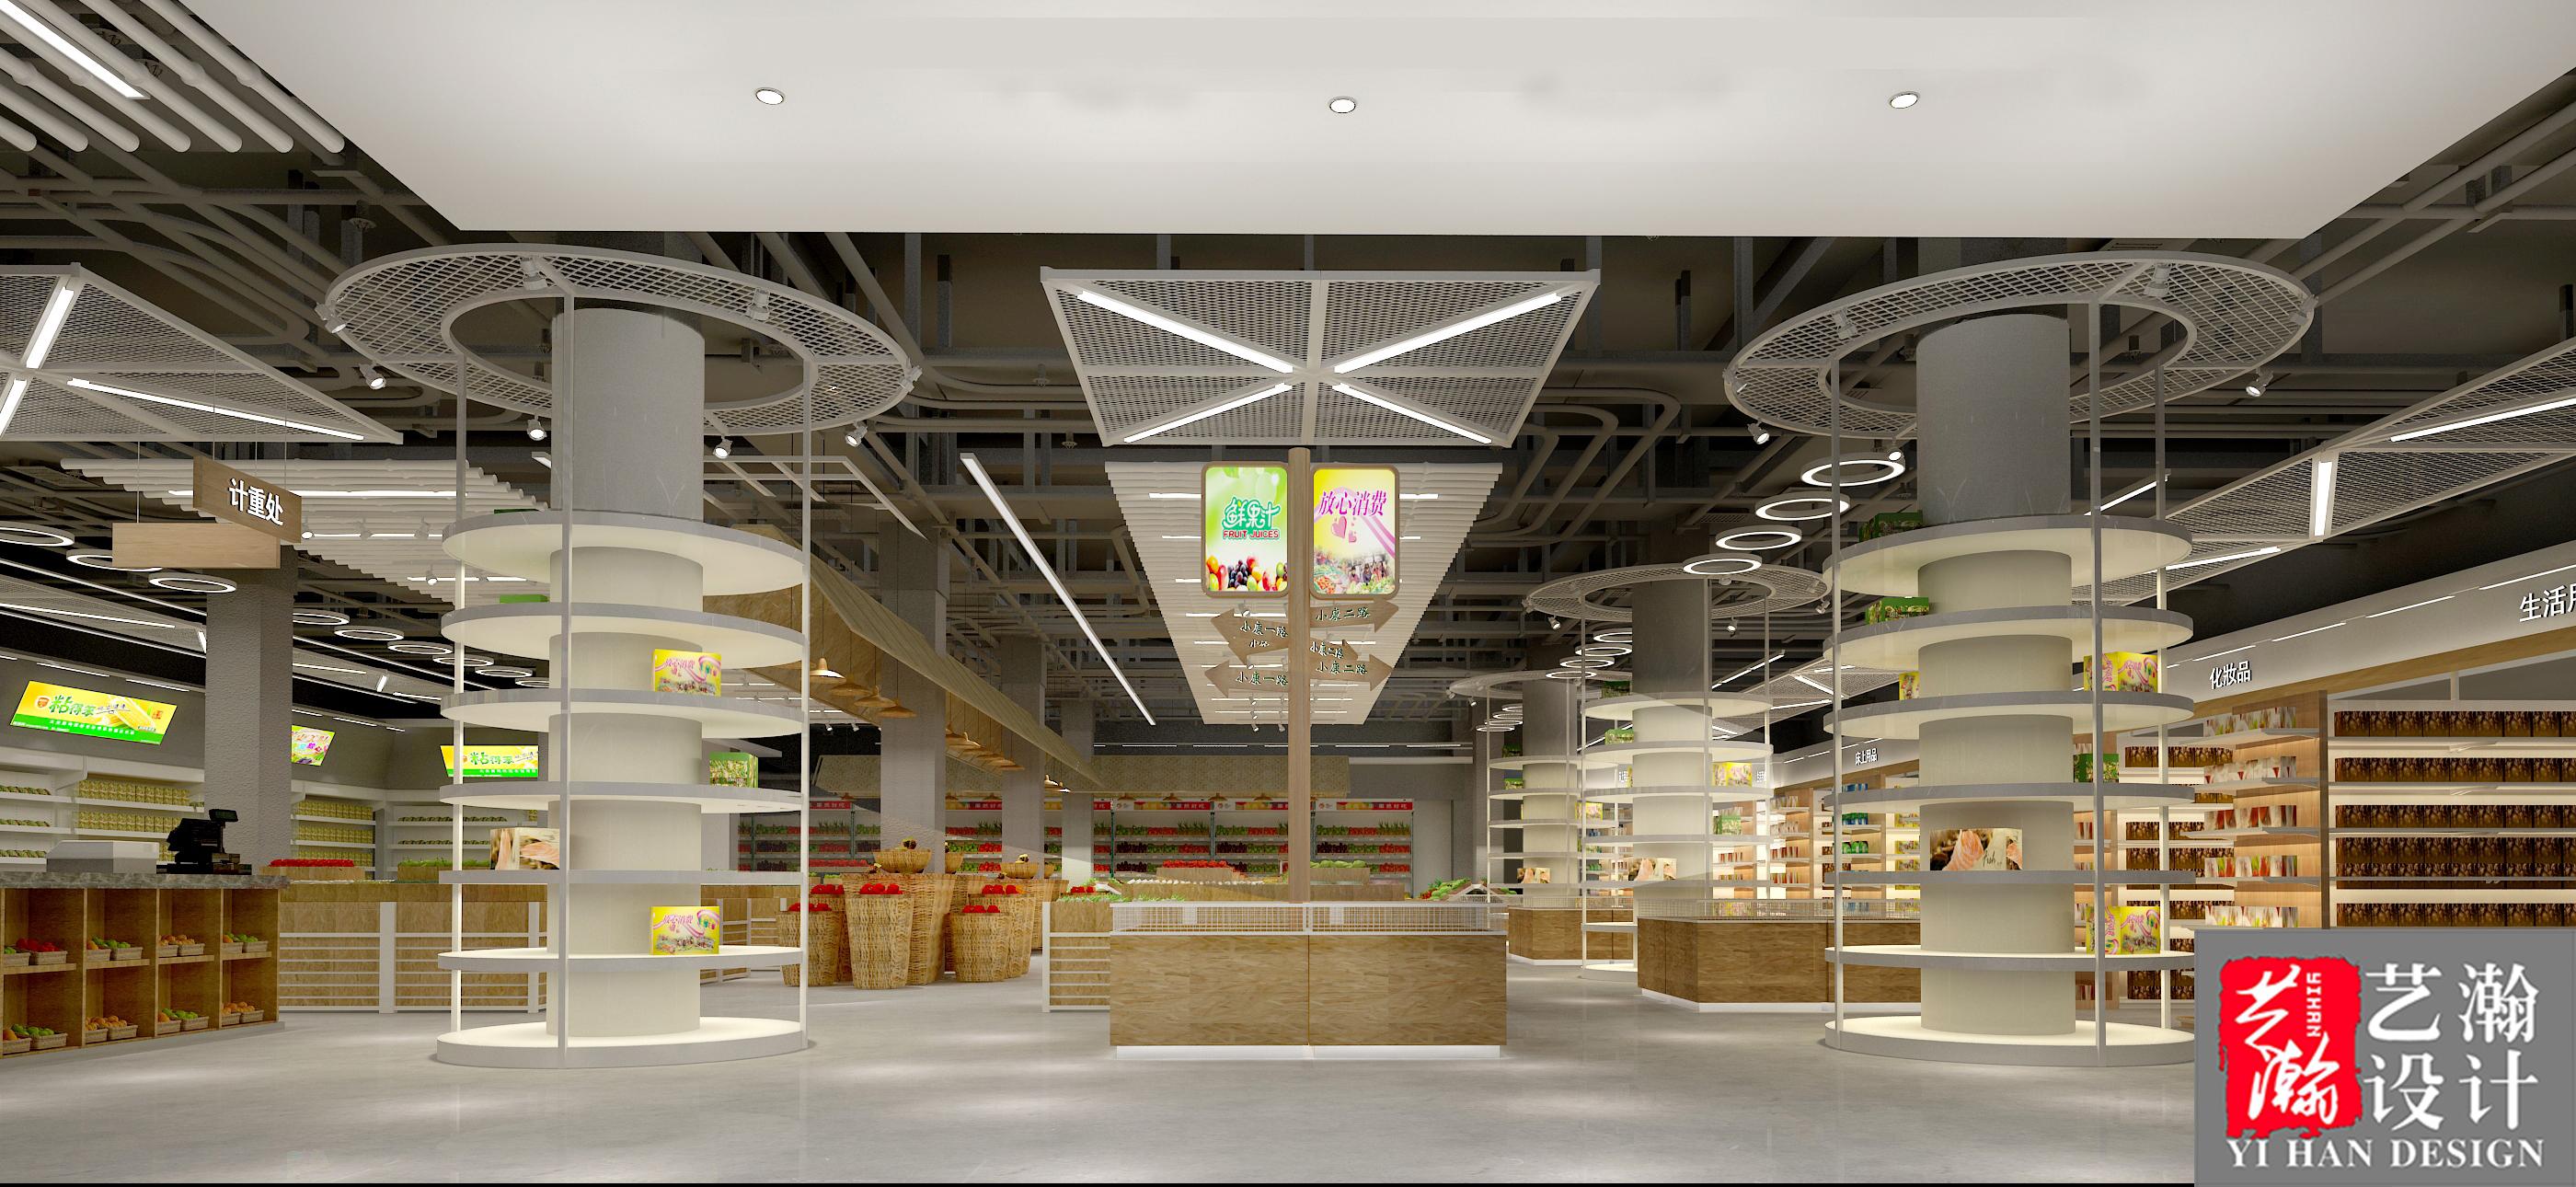 商場百貨超市效果圖設計生鮮店裝修設計水果店室內設計室內裝修